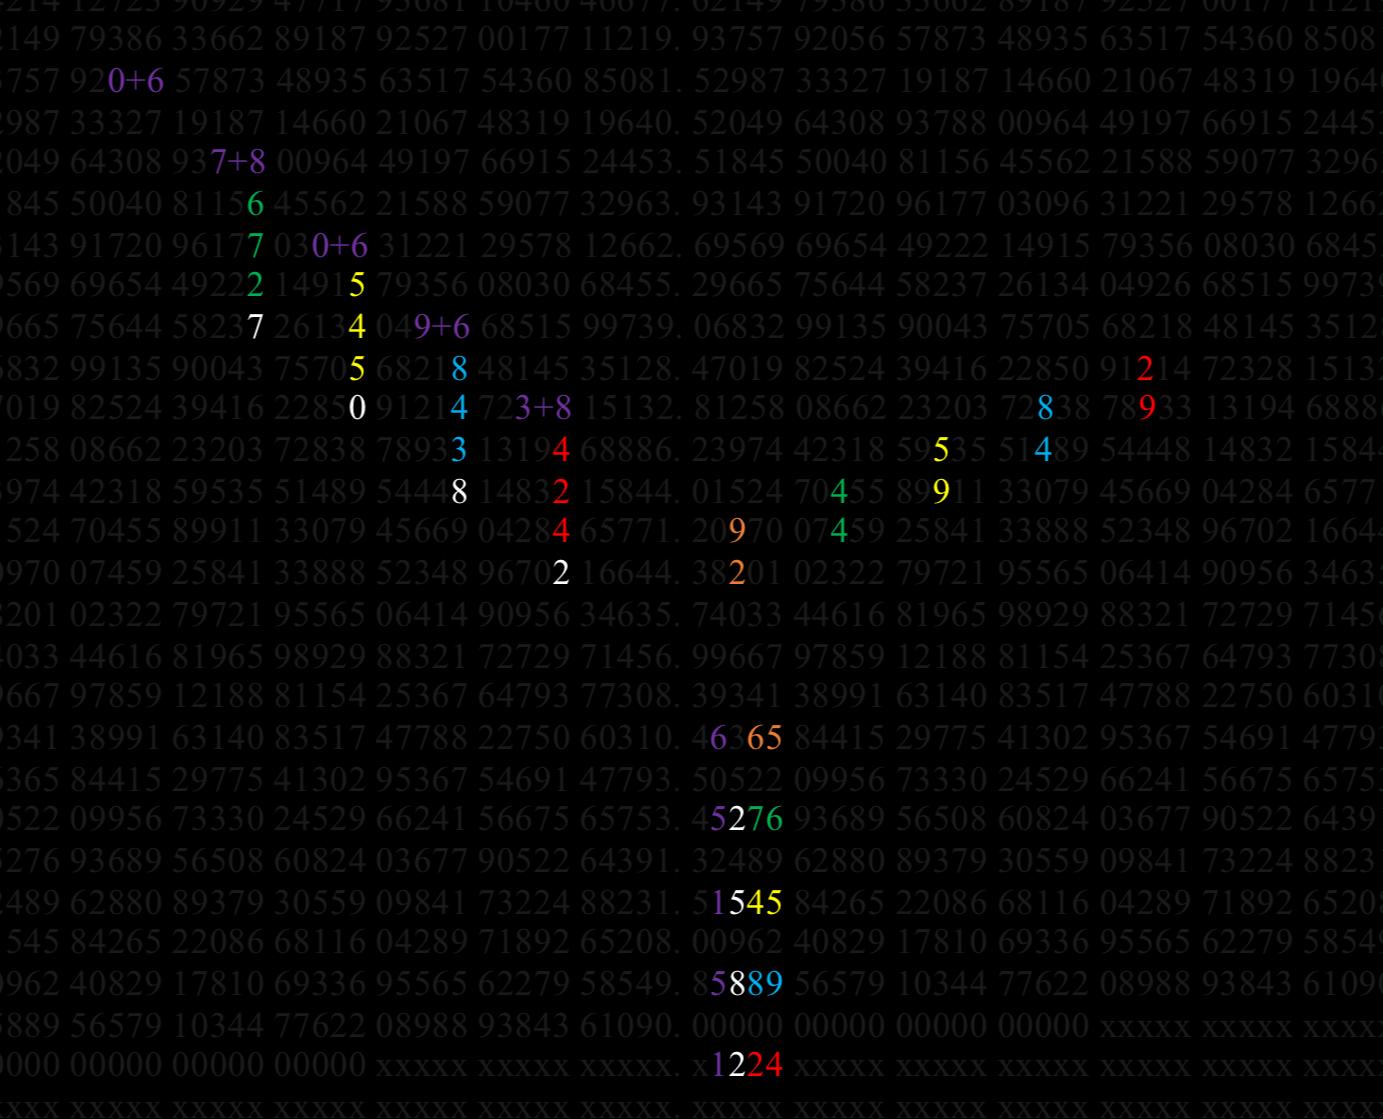 9FA99B4D-E710-4747-9D18-A55F6DA40EDF.jpeg